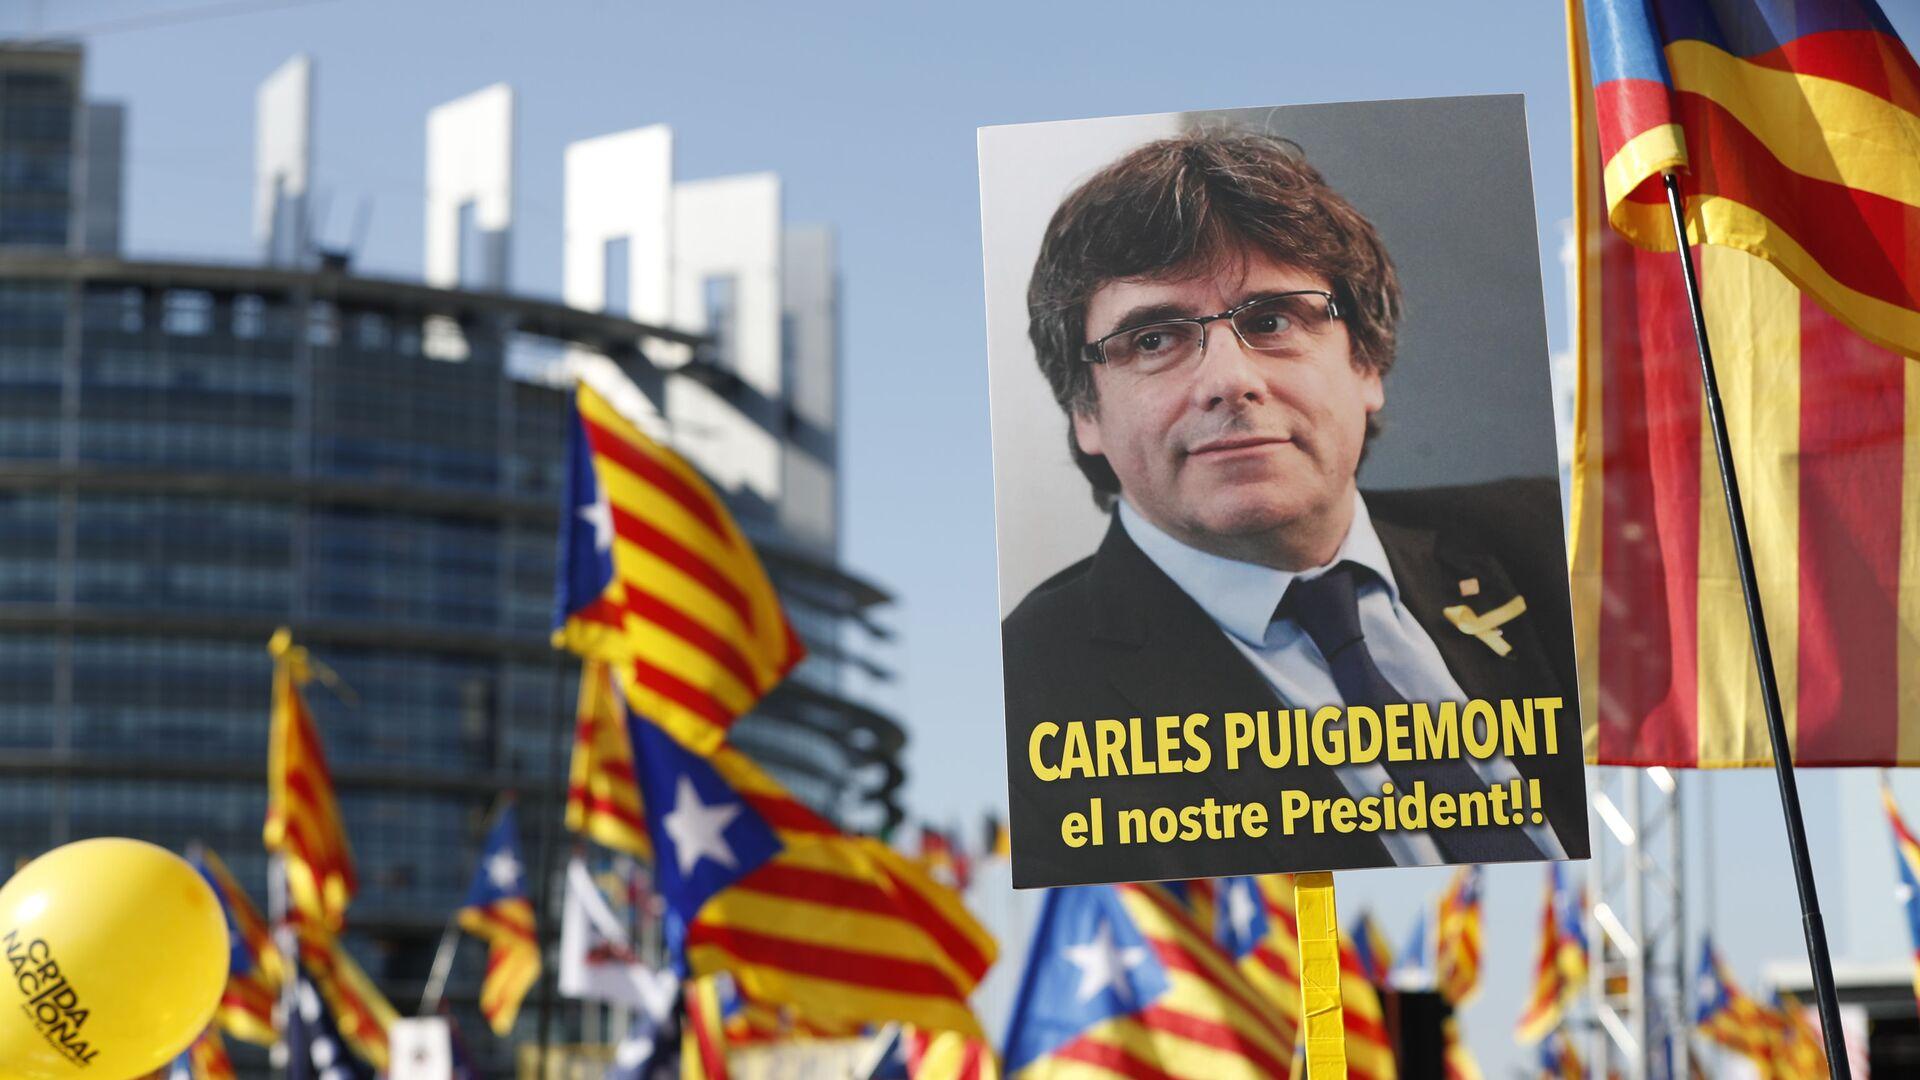 Marcha de protesta al frente del Parlamento Europeo (Estrasburgo, Francia) en contra de la persecución del líder independentista catalán, Carles Puigdemont, el 2 de julio de 2019 - Sputnik Mundo, 1920, 09.03.2021